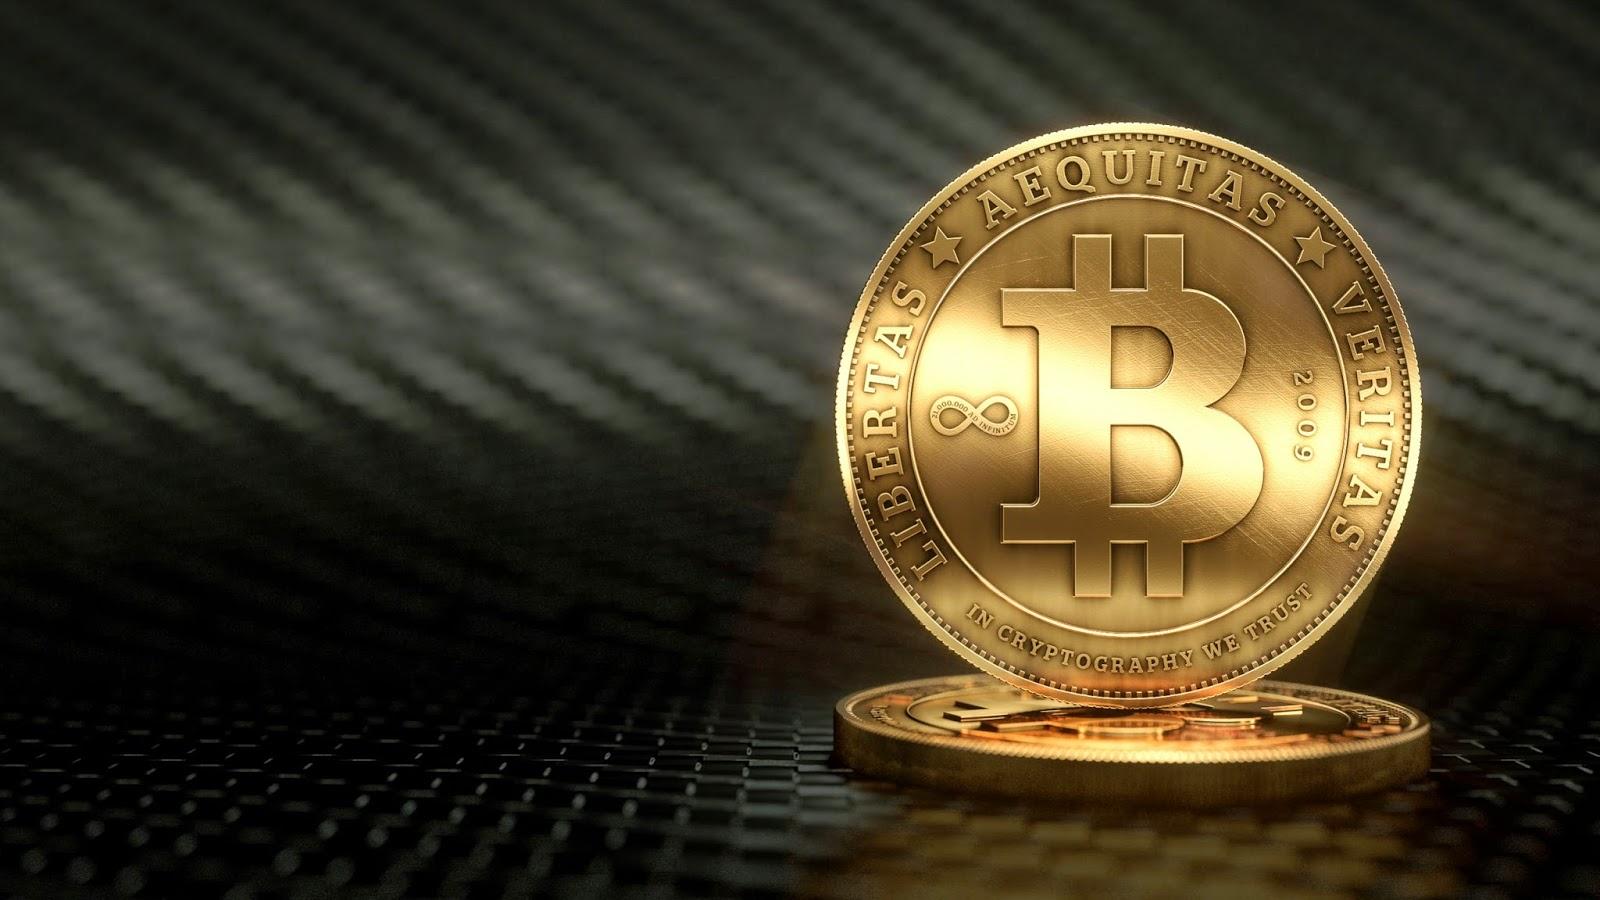 Daftar situs penghasil bitcoin tercepat